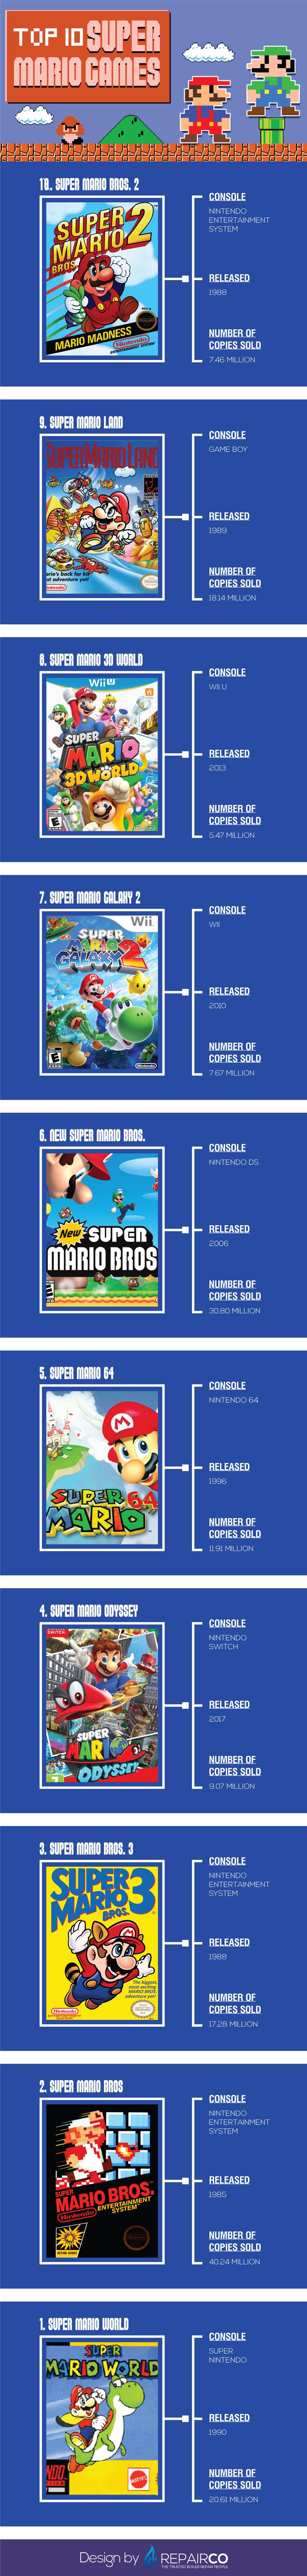 Top 10 Super Mario Games by Repairco